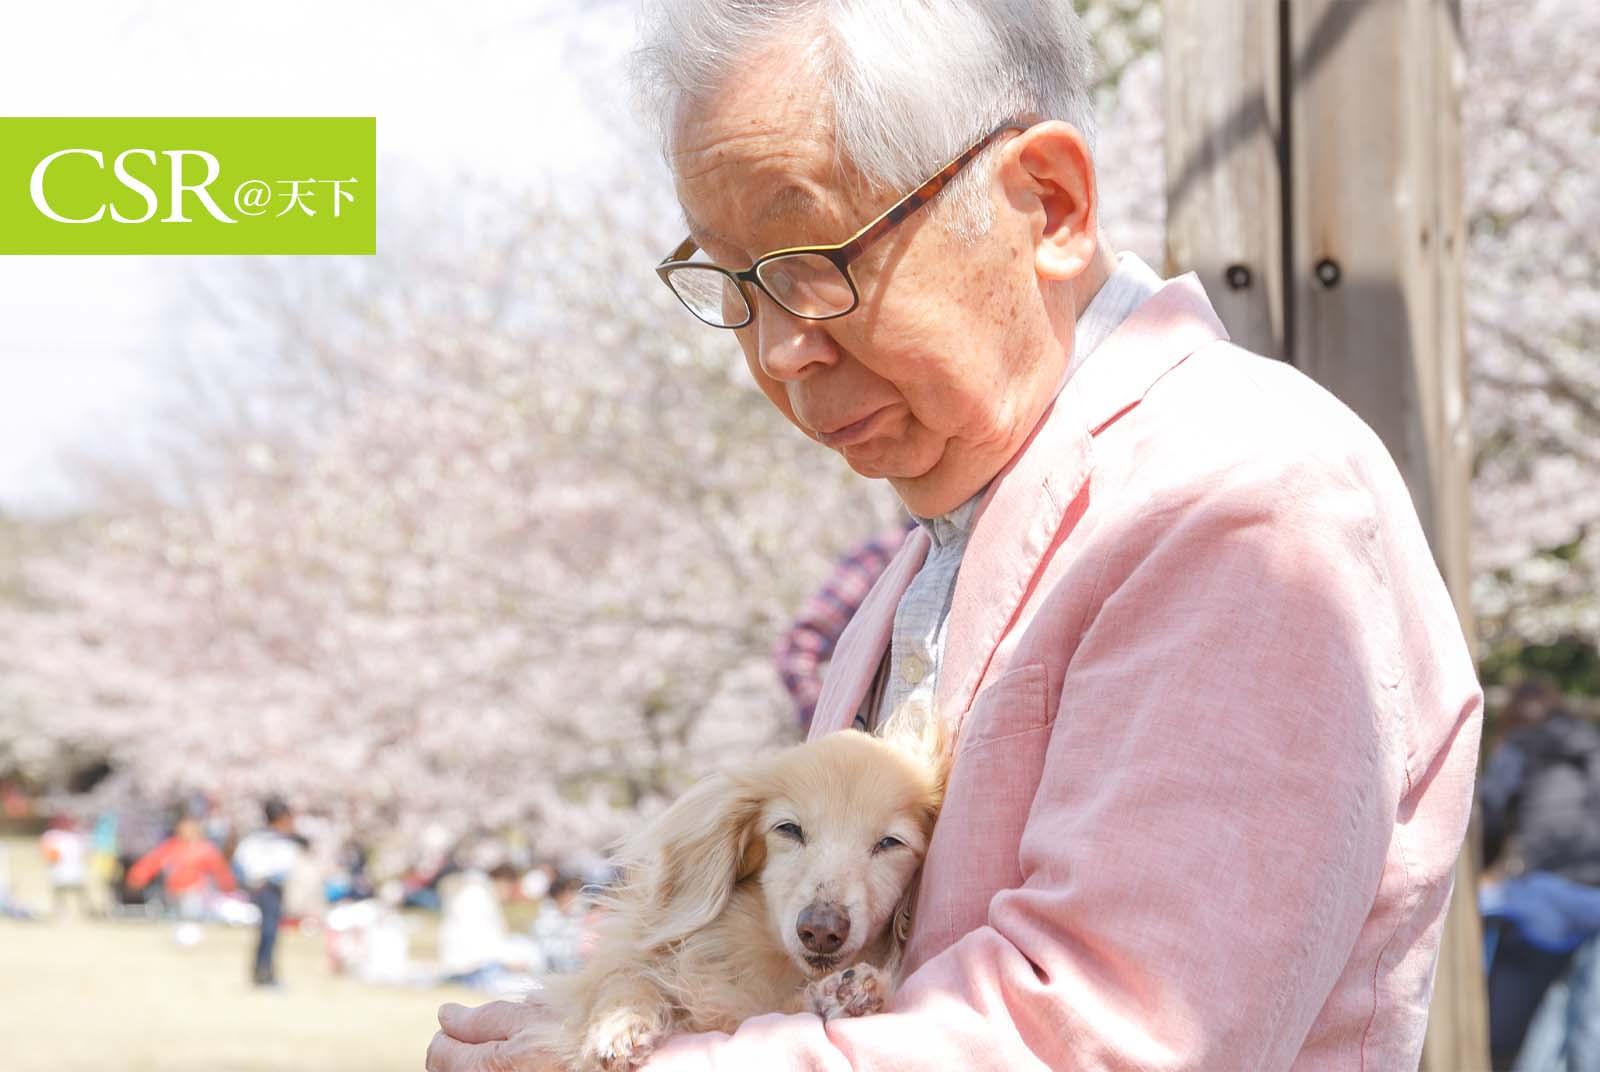 忠犬八公的故鄉 日本秋田市用「終活城」打造高齡友善環境